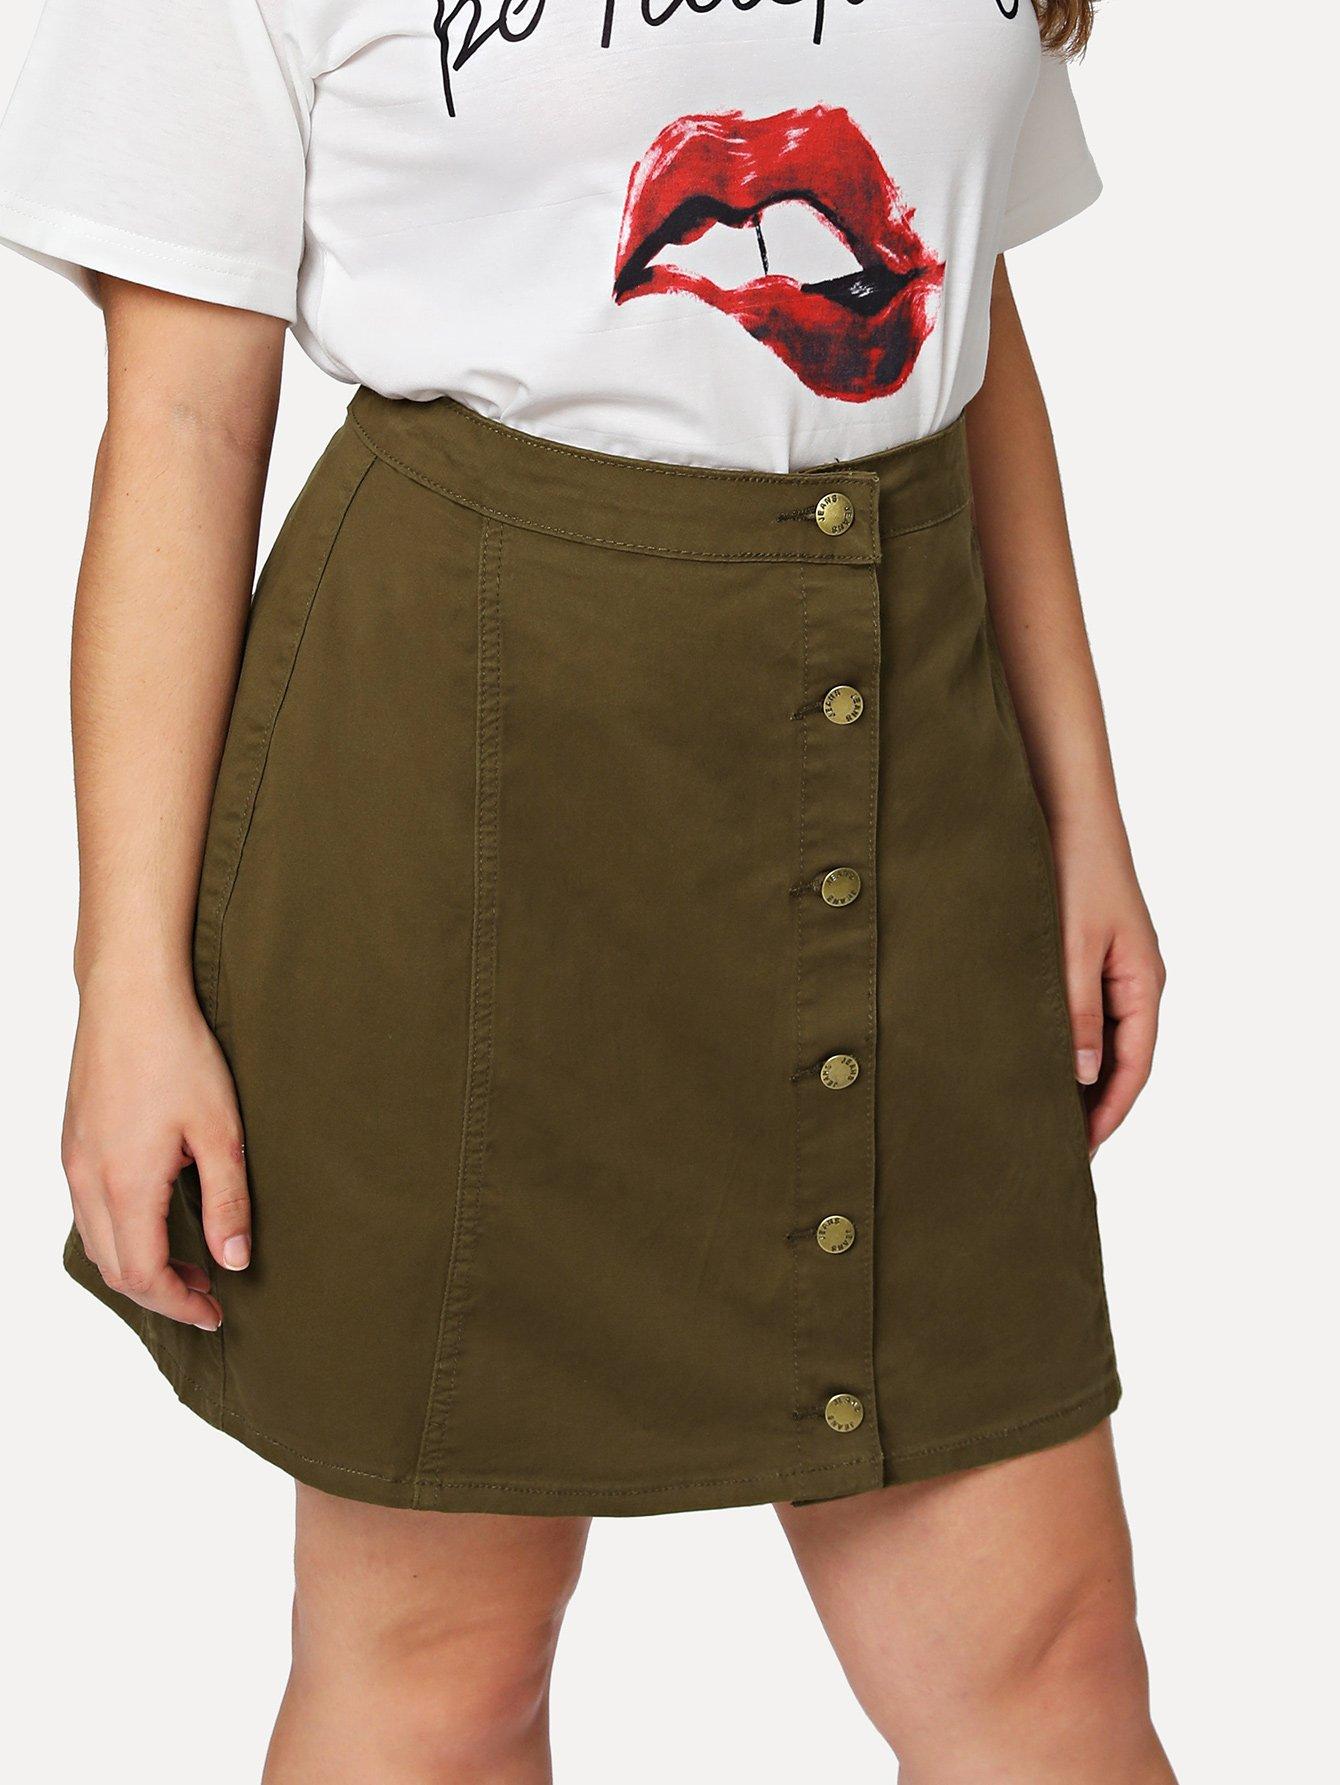 Button Up Denim Skirt long sleeve button up denim top denim